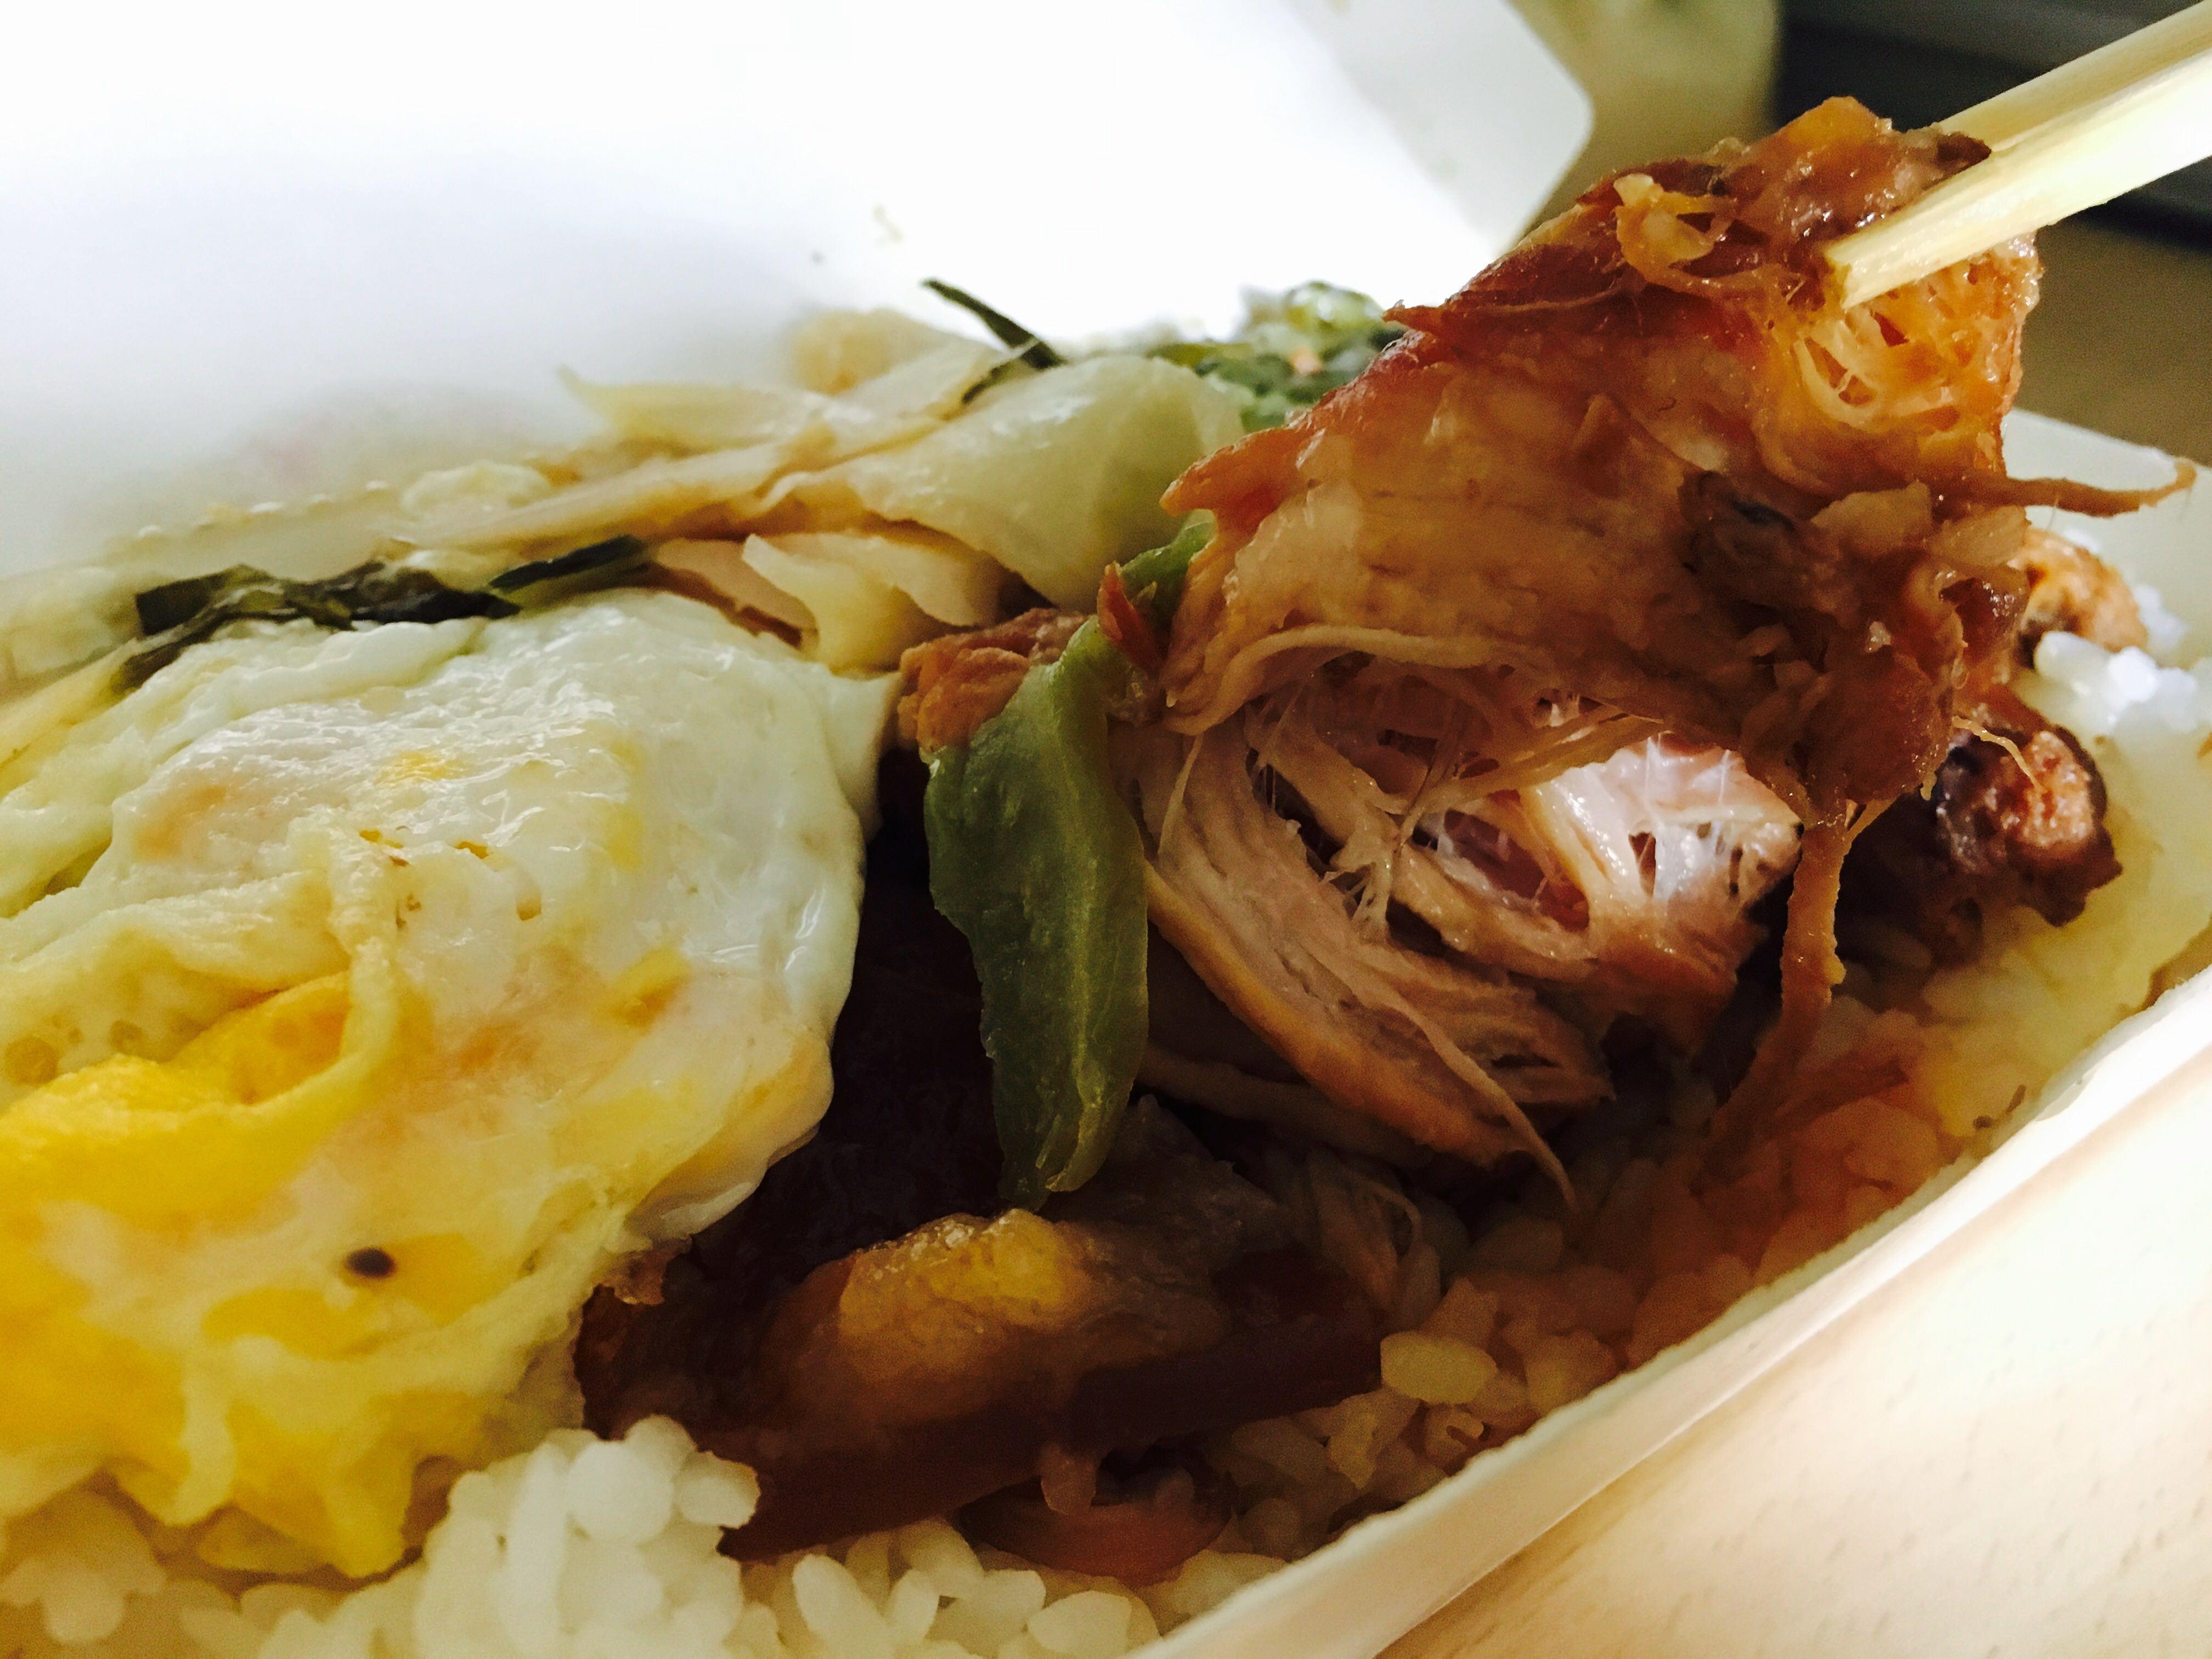 【高雄美食】華喜爌肉飯,五甲排隊老店一份只要60元,超邪惡入口即化控肉,可自選肥中瘦肉